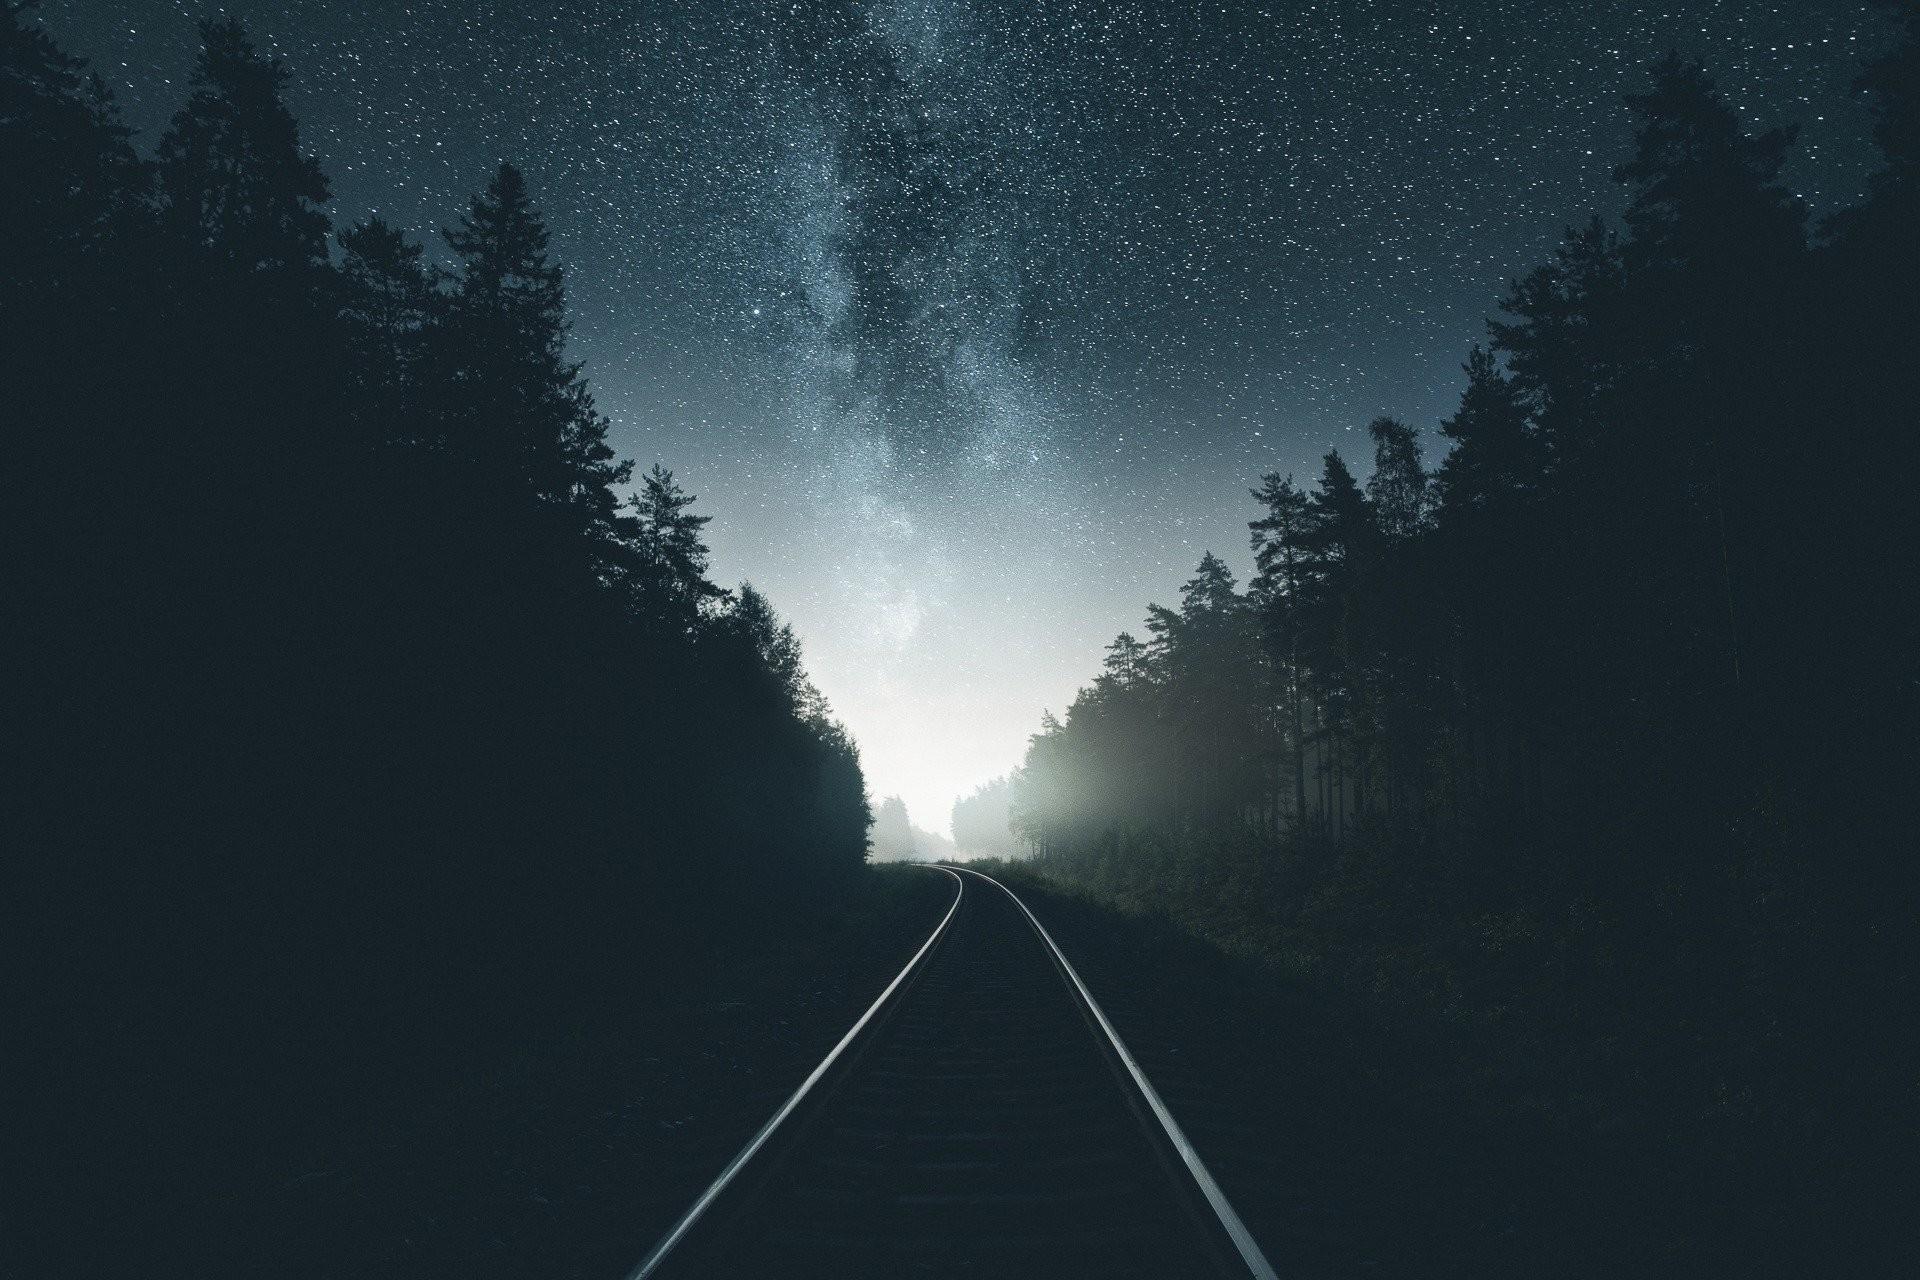 Hình nền bầu trời đêm tuyệt đẹp